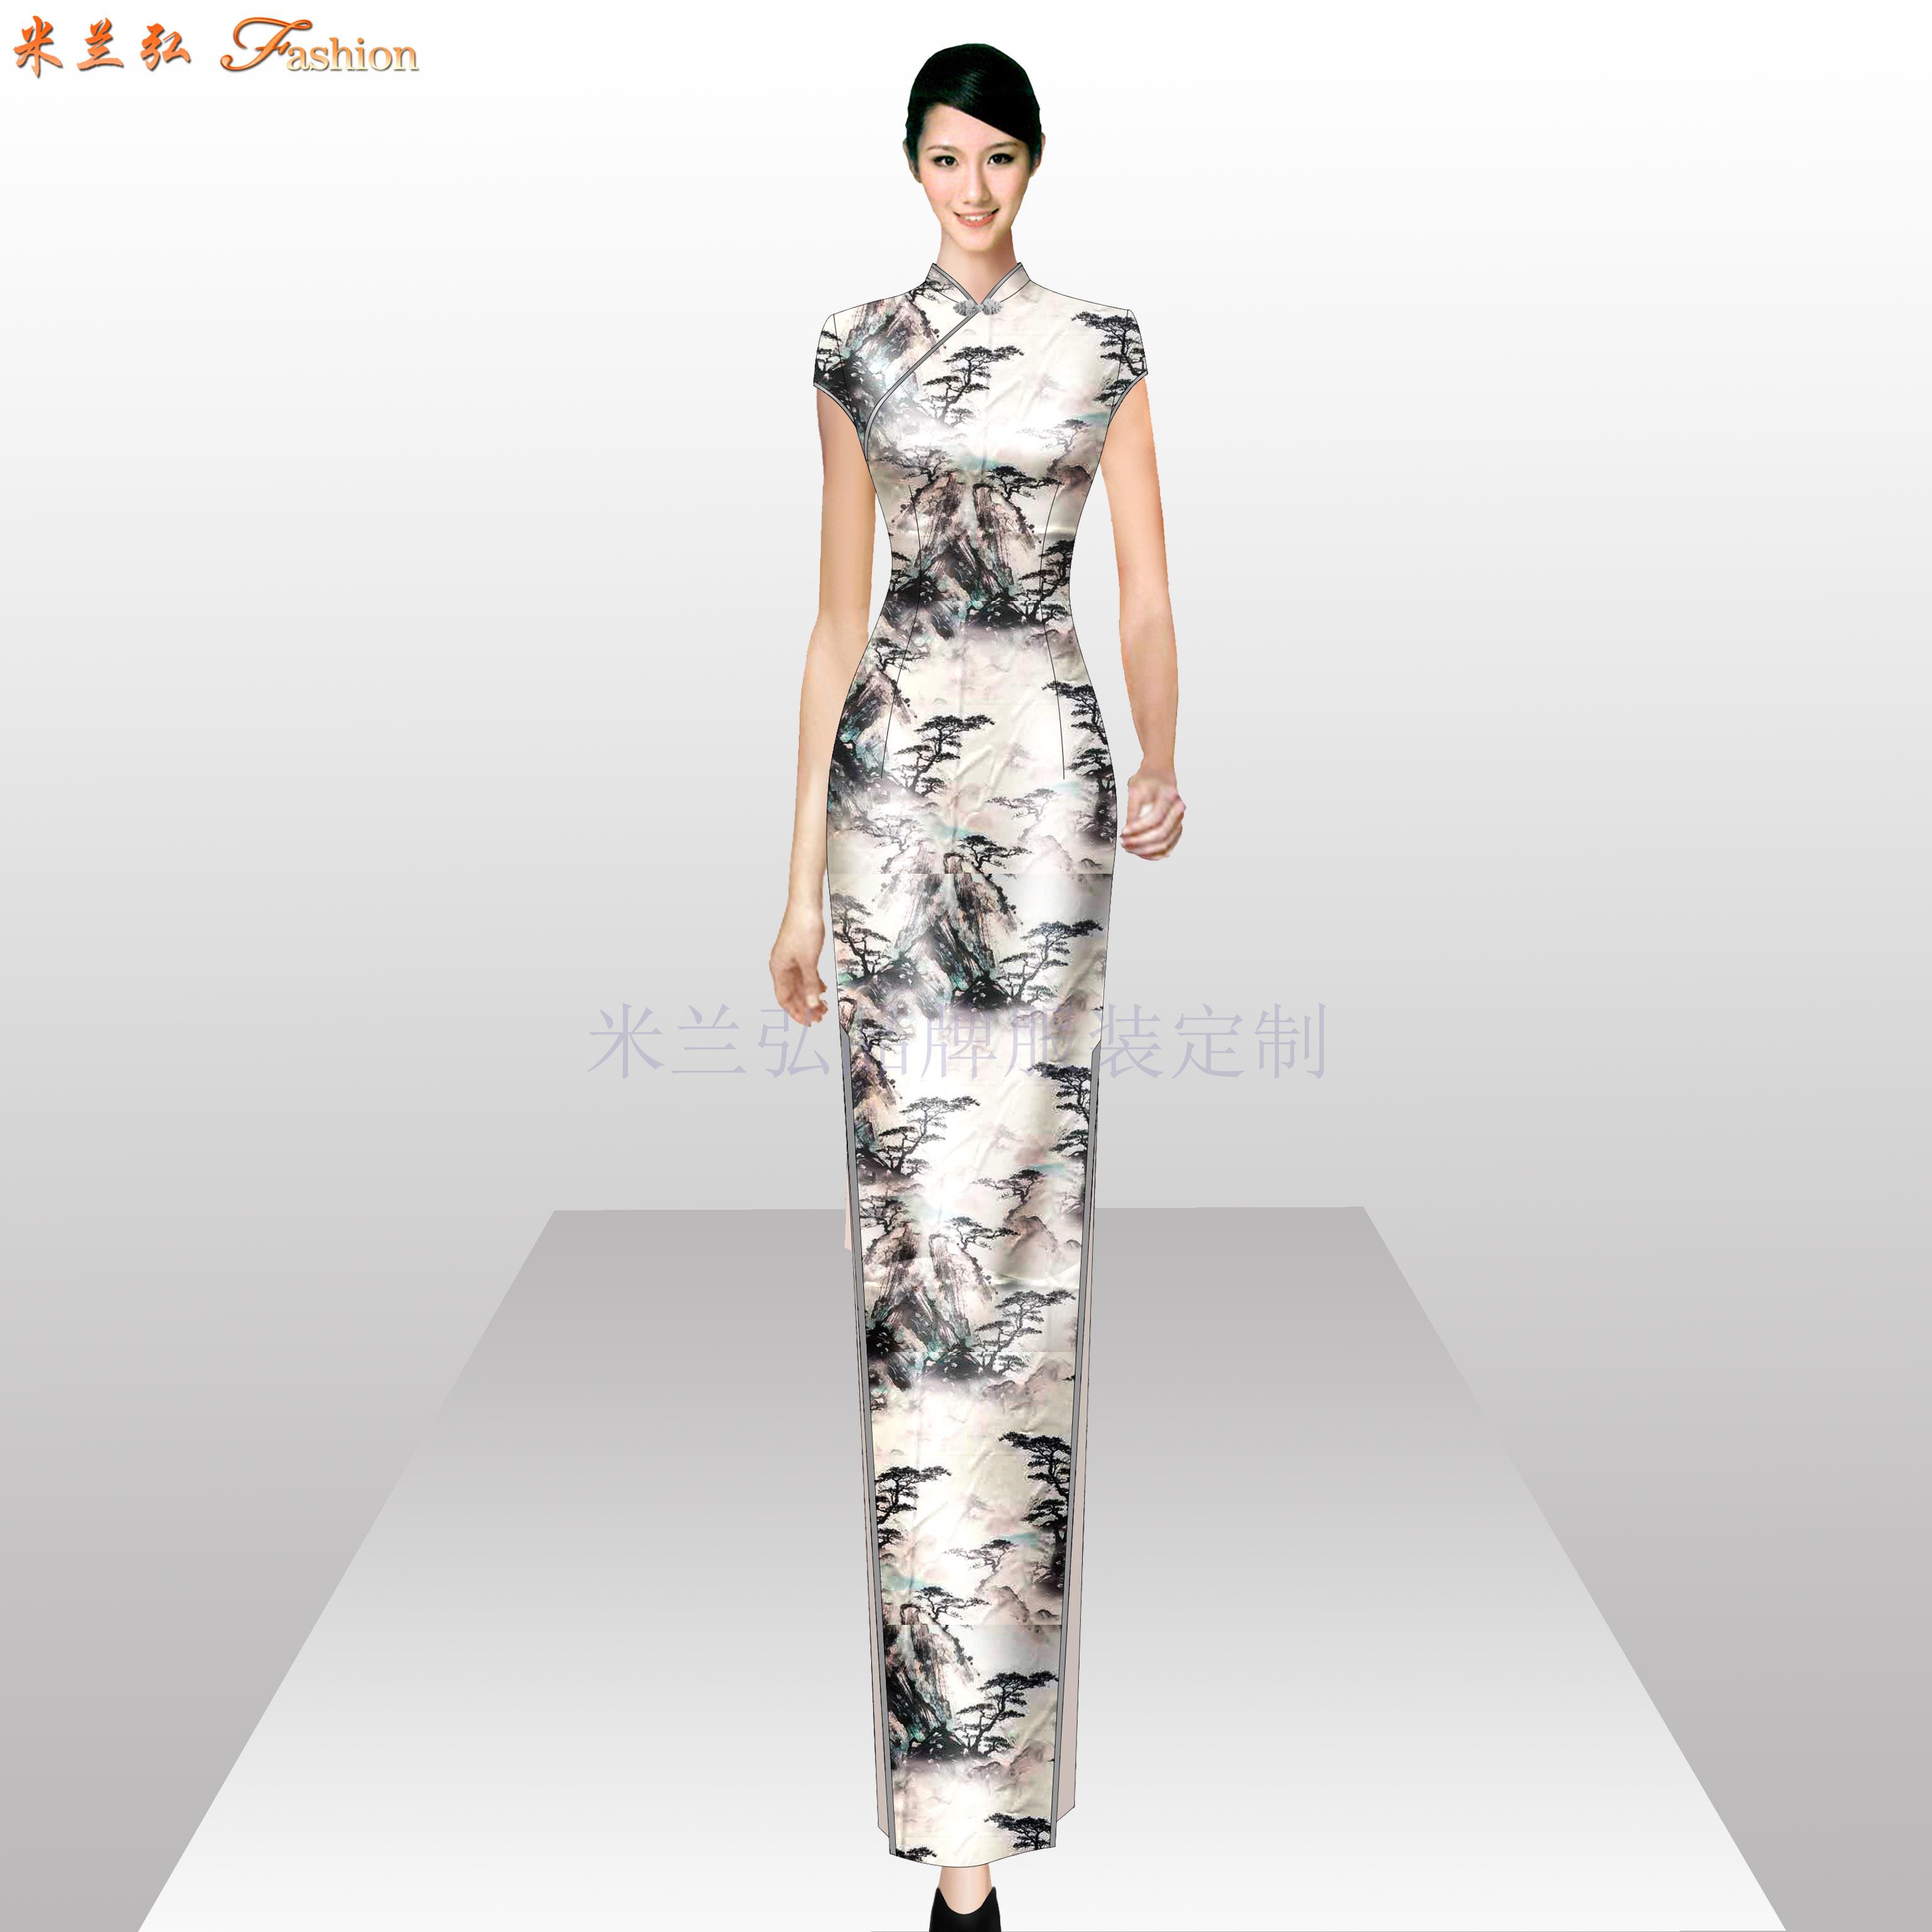 「旗袍高端定制」「旗袍高级订制」-米兰弘品牌服装-1